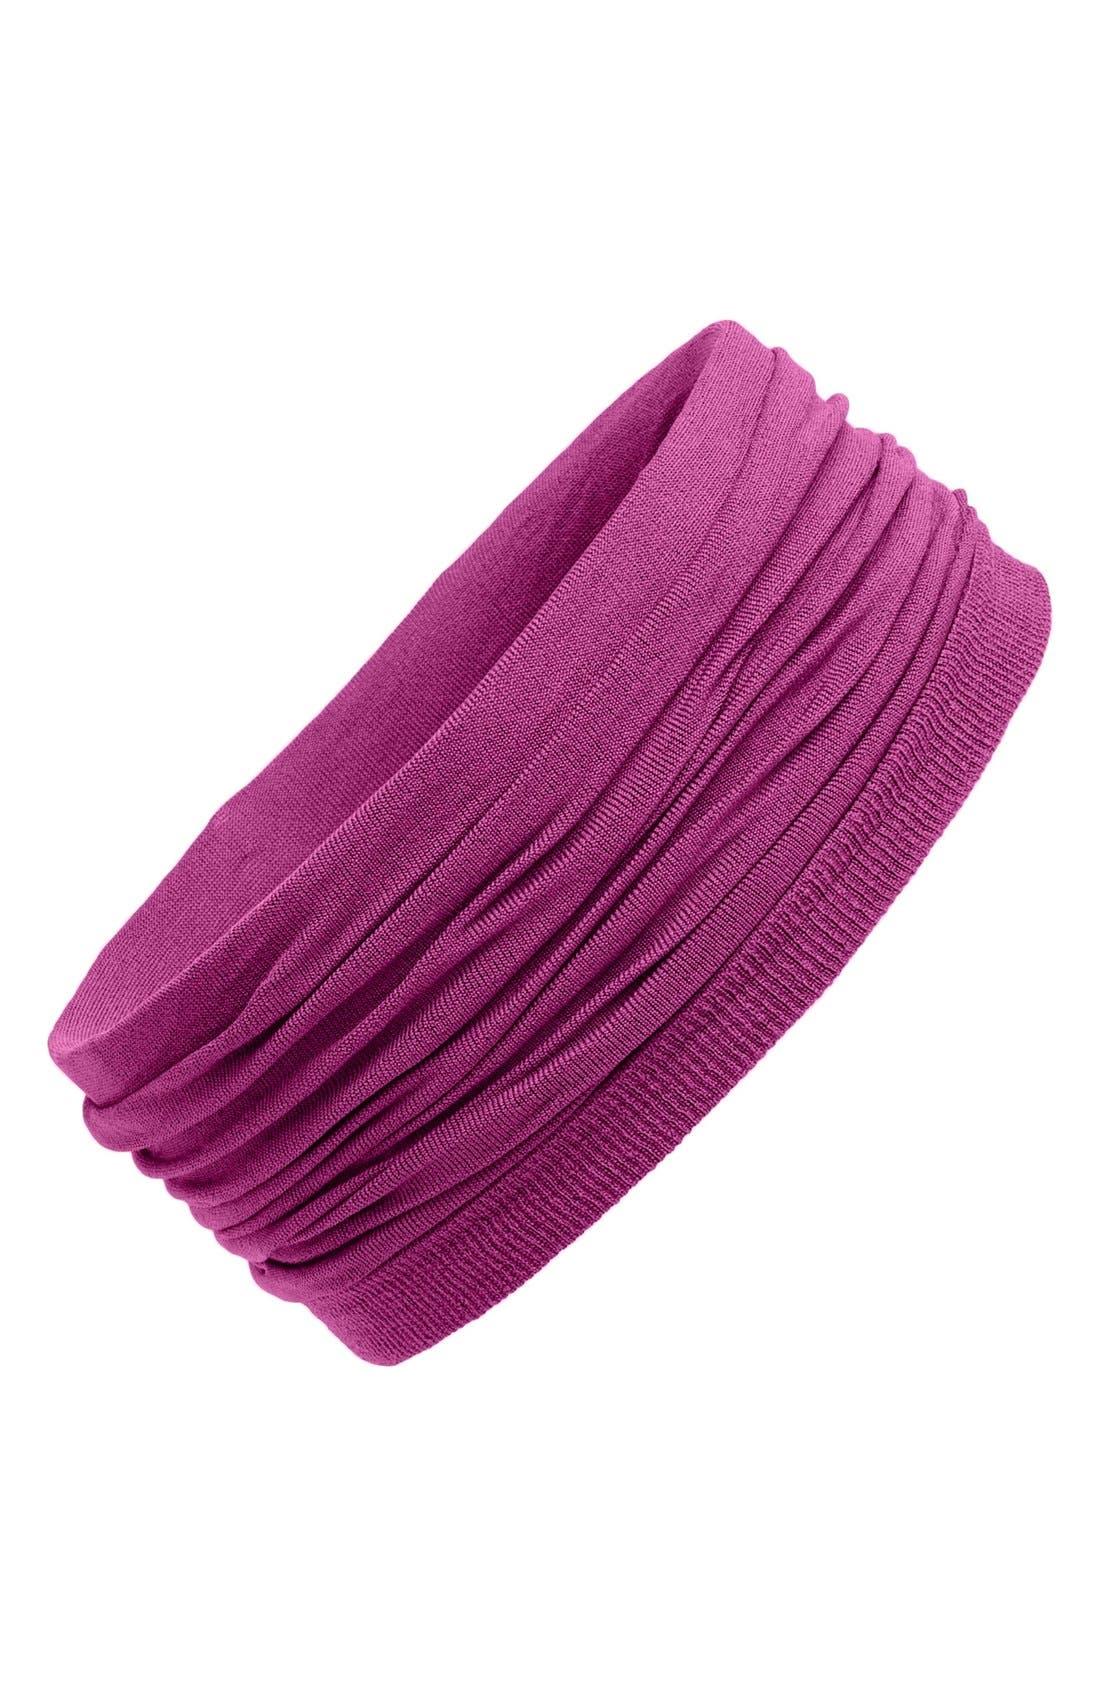 Relaxed Turban Headband,                             Main thumbnail 9, color,